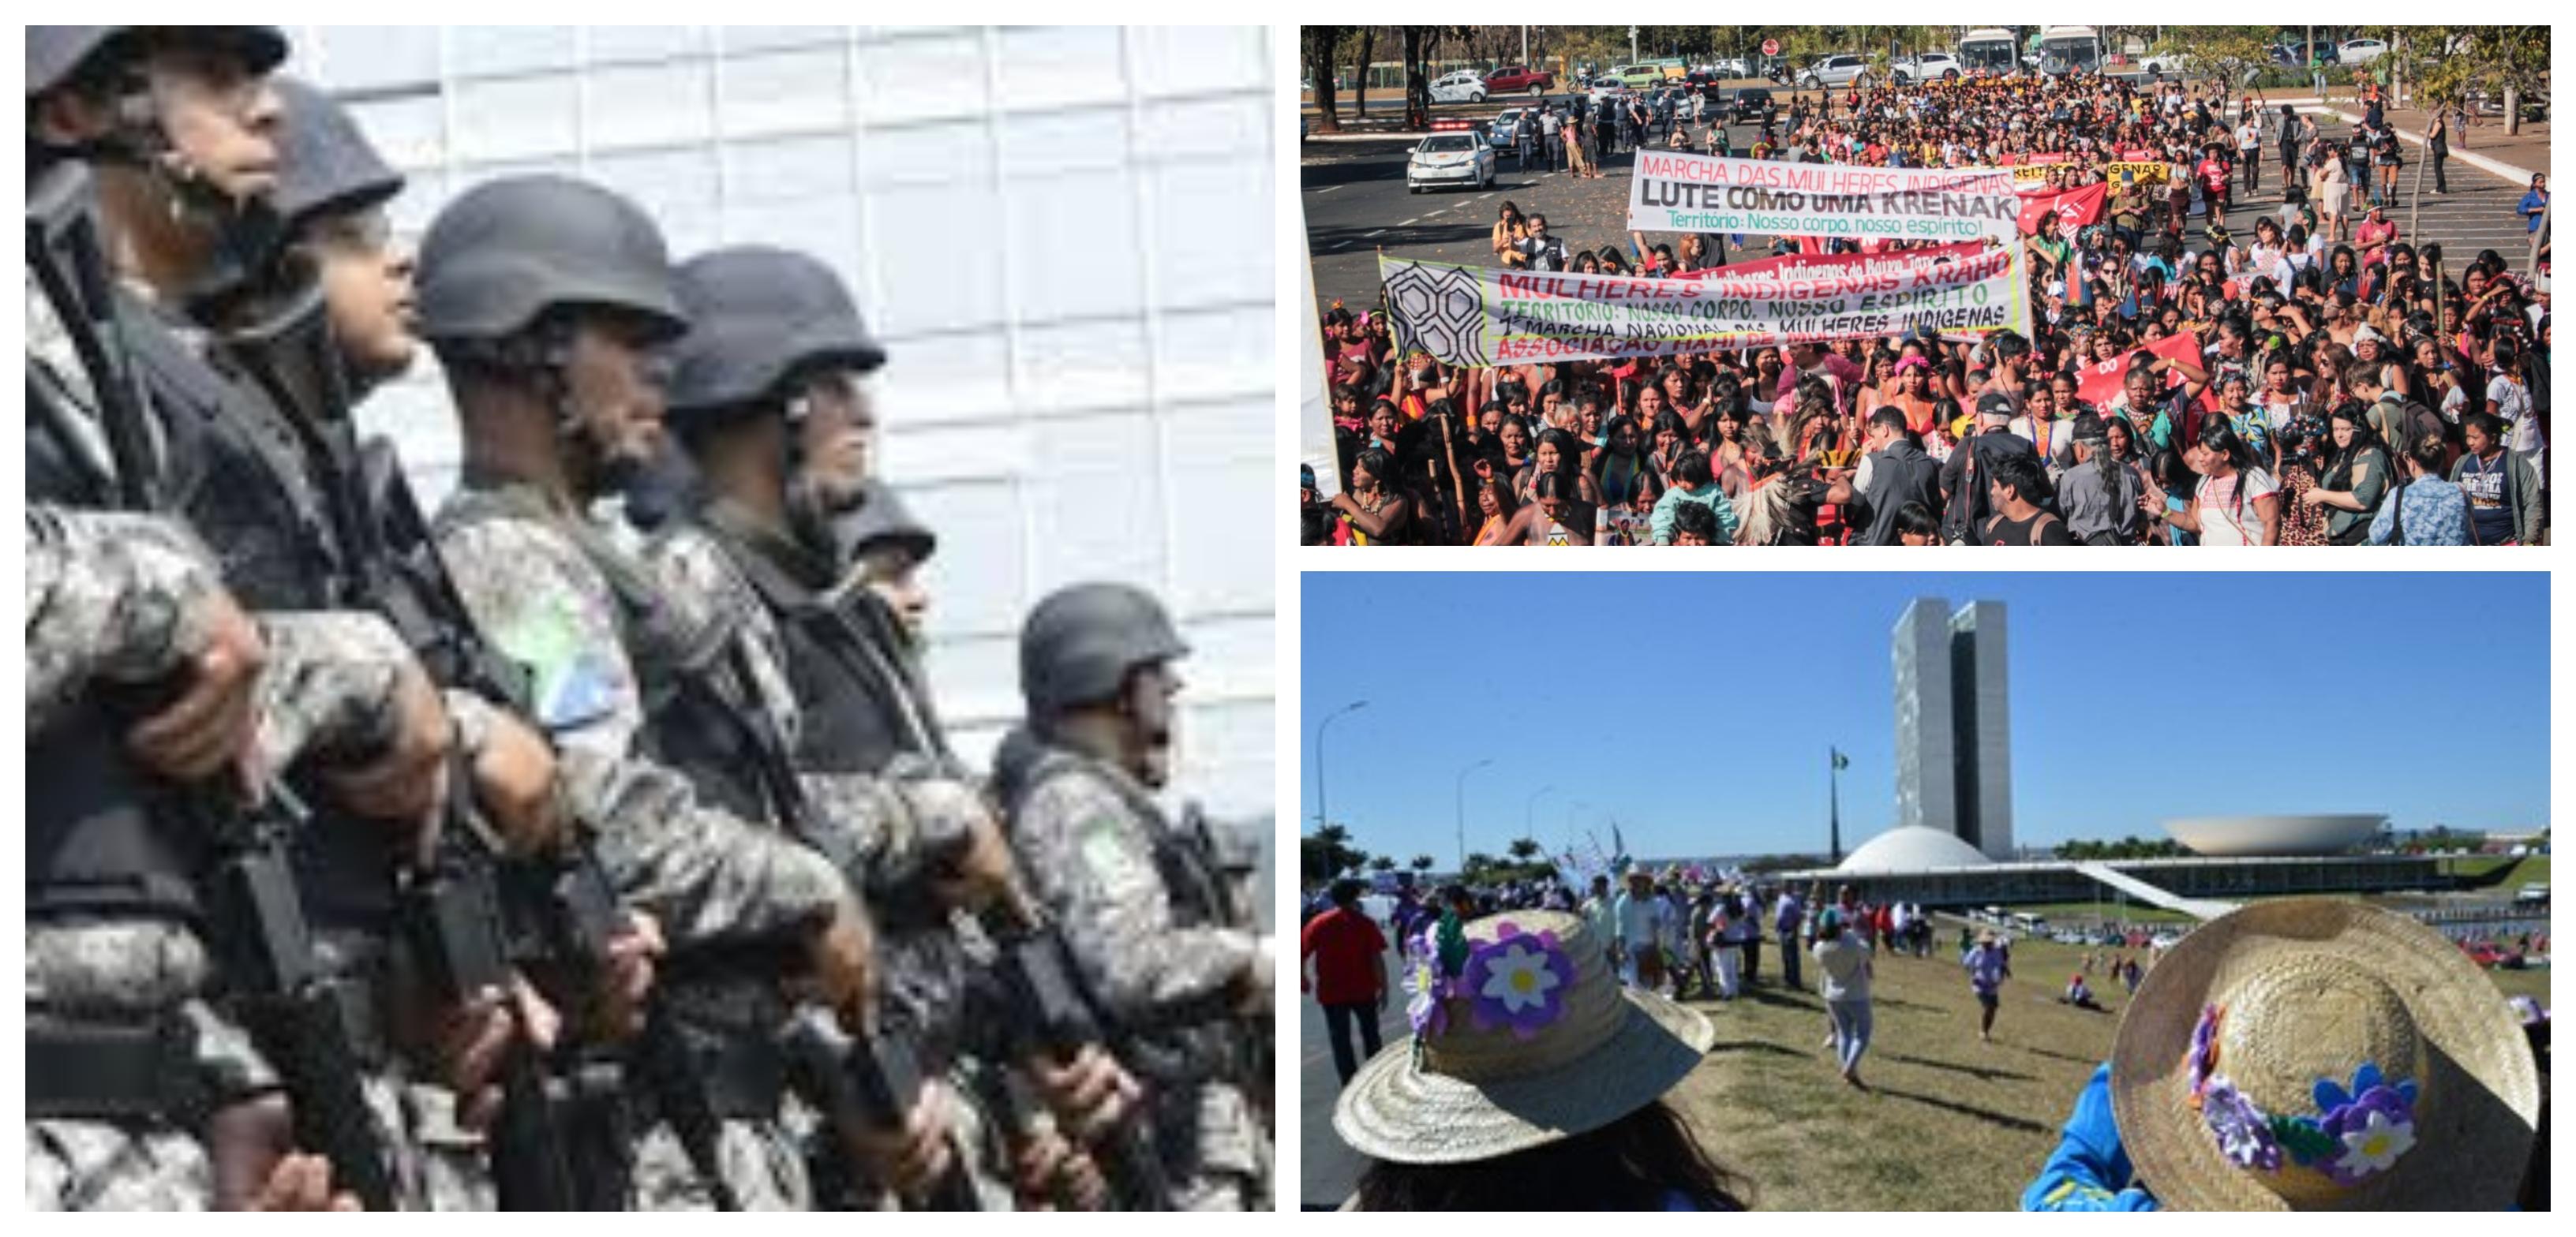 Portaria do Moro que autoriza Força Nacional em manifestações é ilegal e inconstitucional